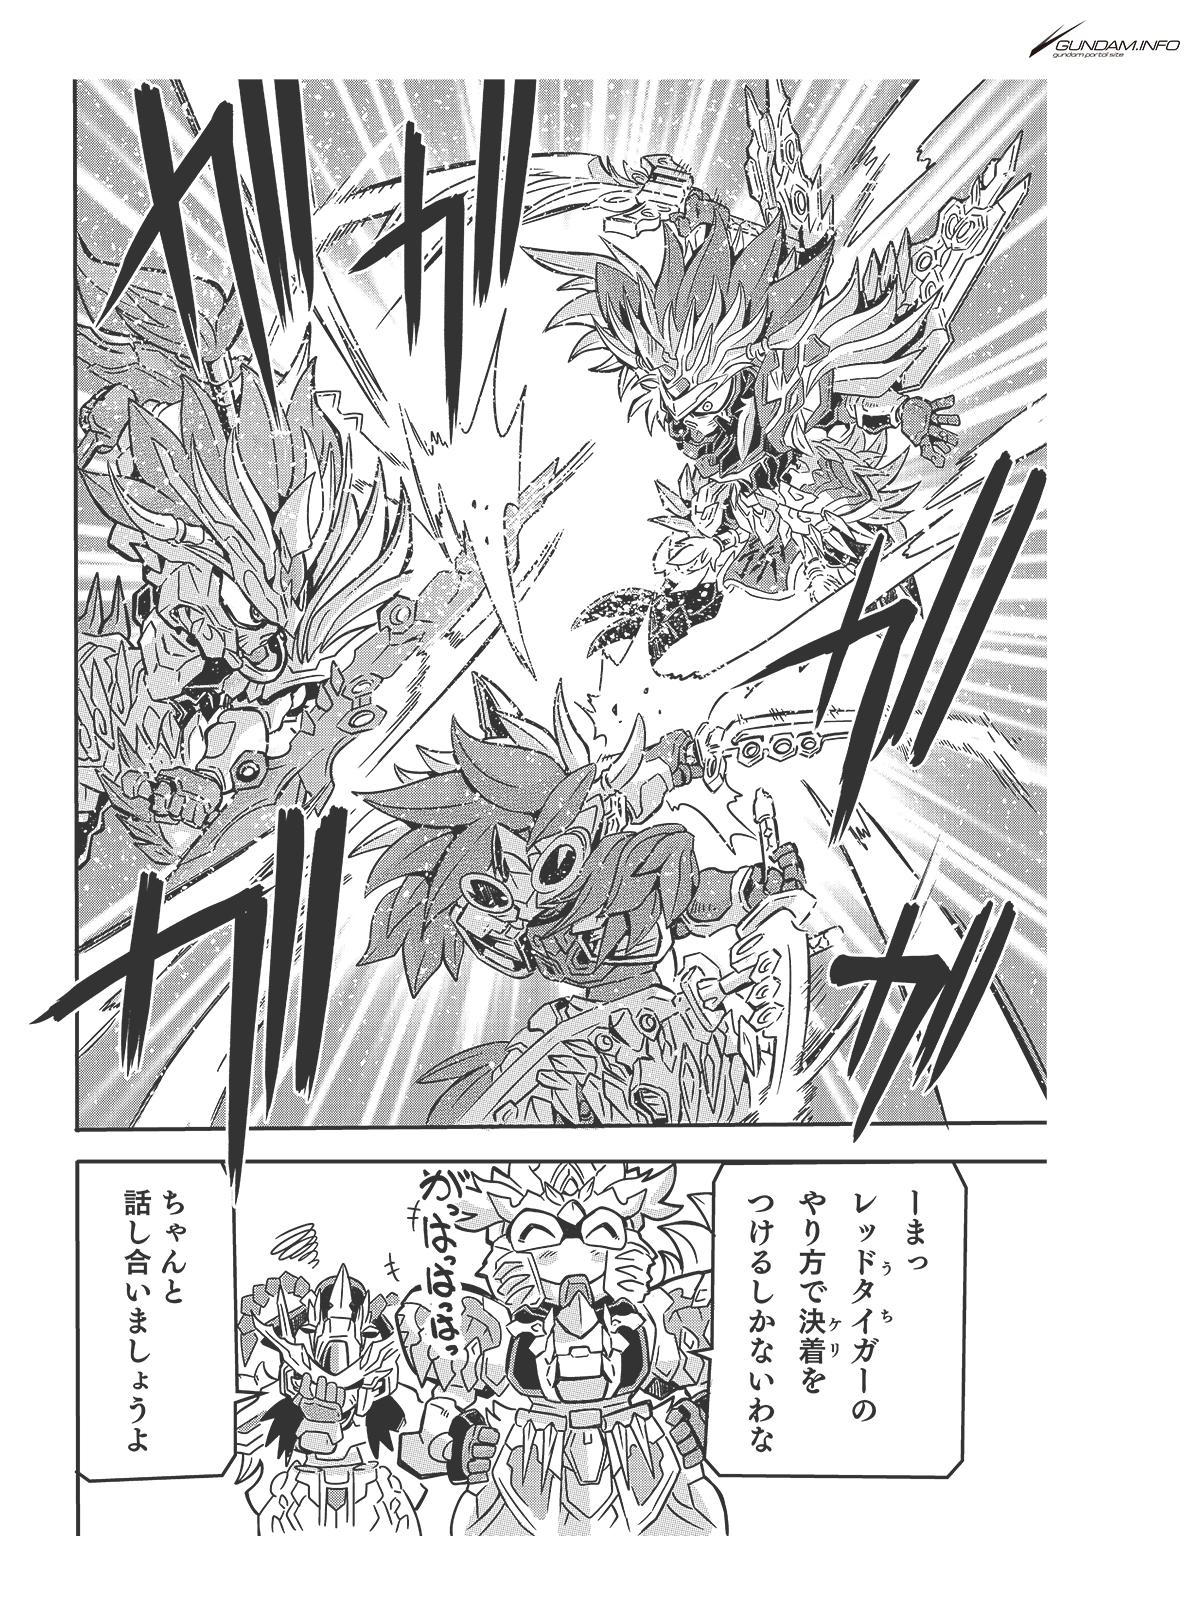 SDガンダムワールド 三国創傑伝 焔虎譚 第8話 P10